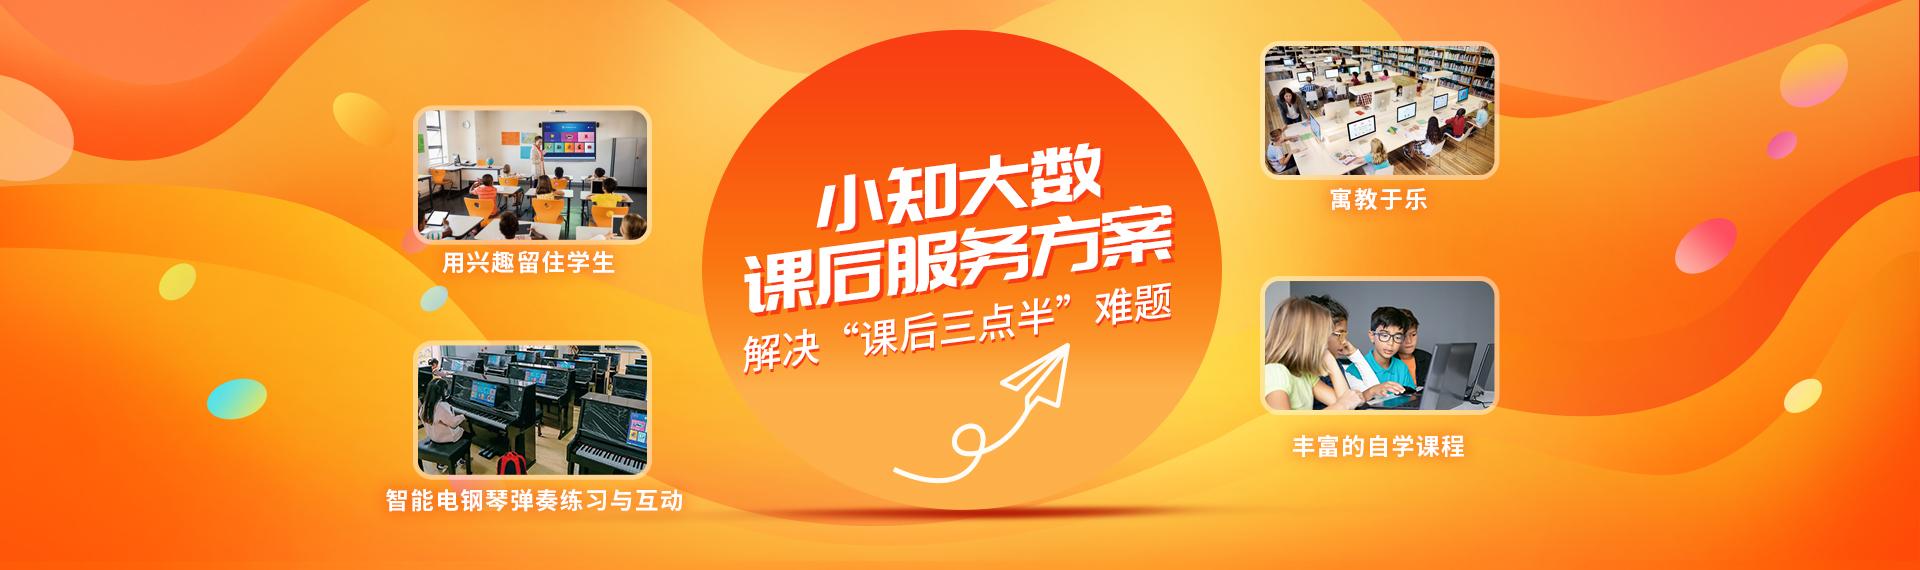 3.5官网banner